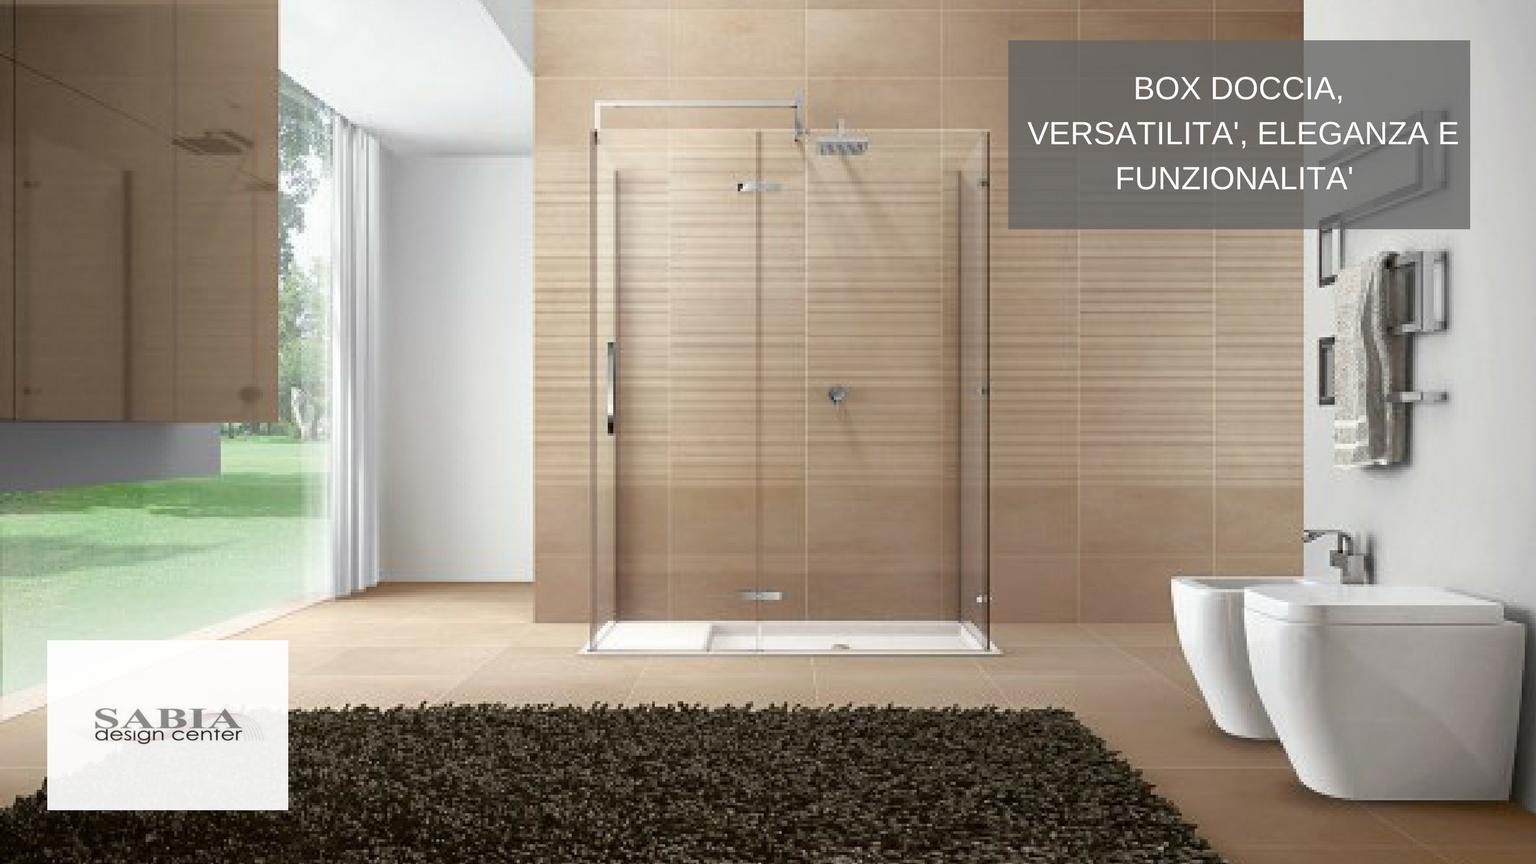 Box doccia di tendenza: personalizzazione e versatilità relax ed